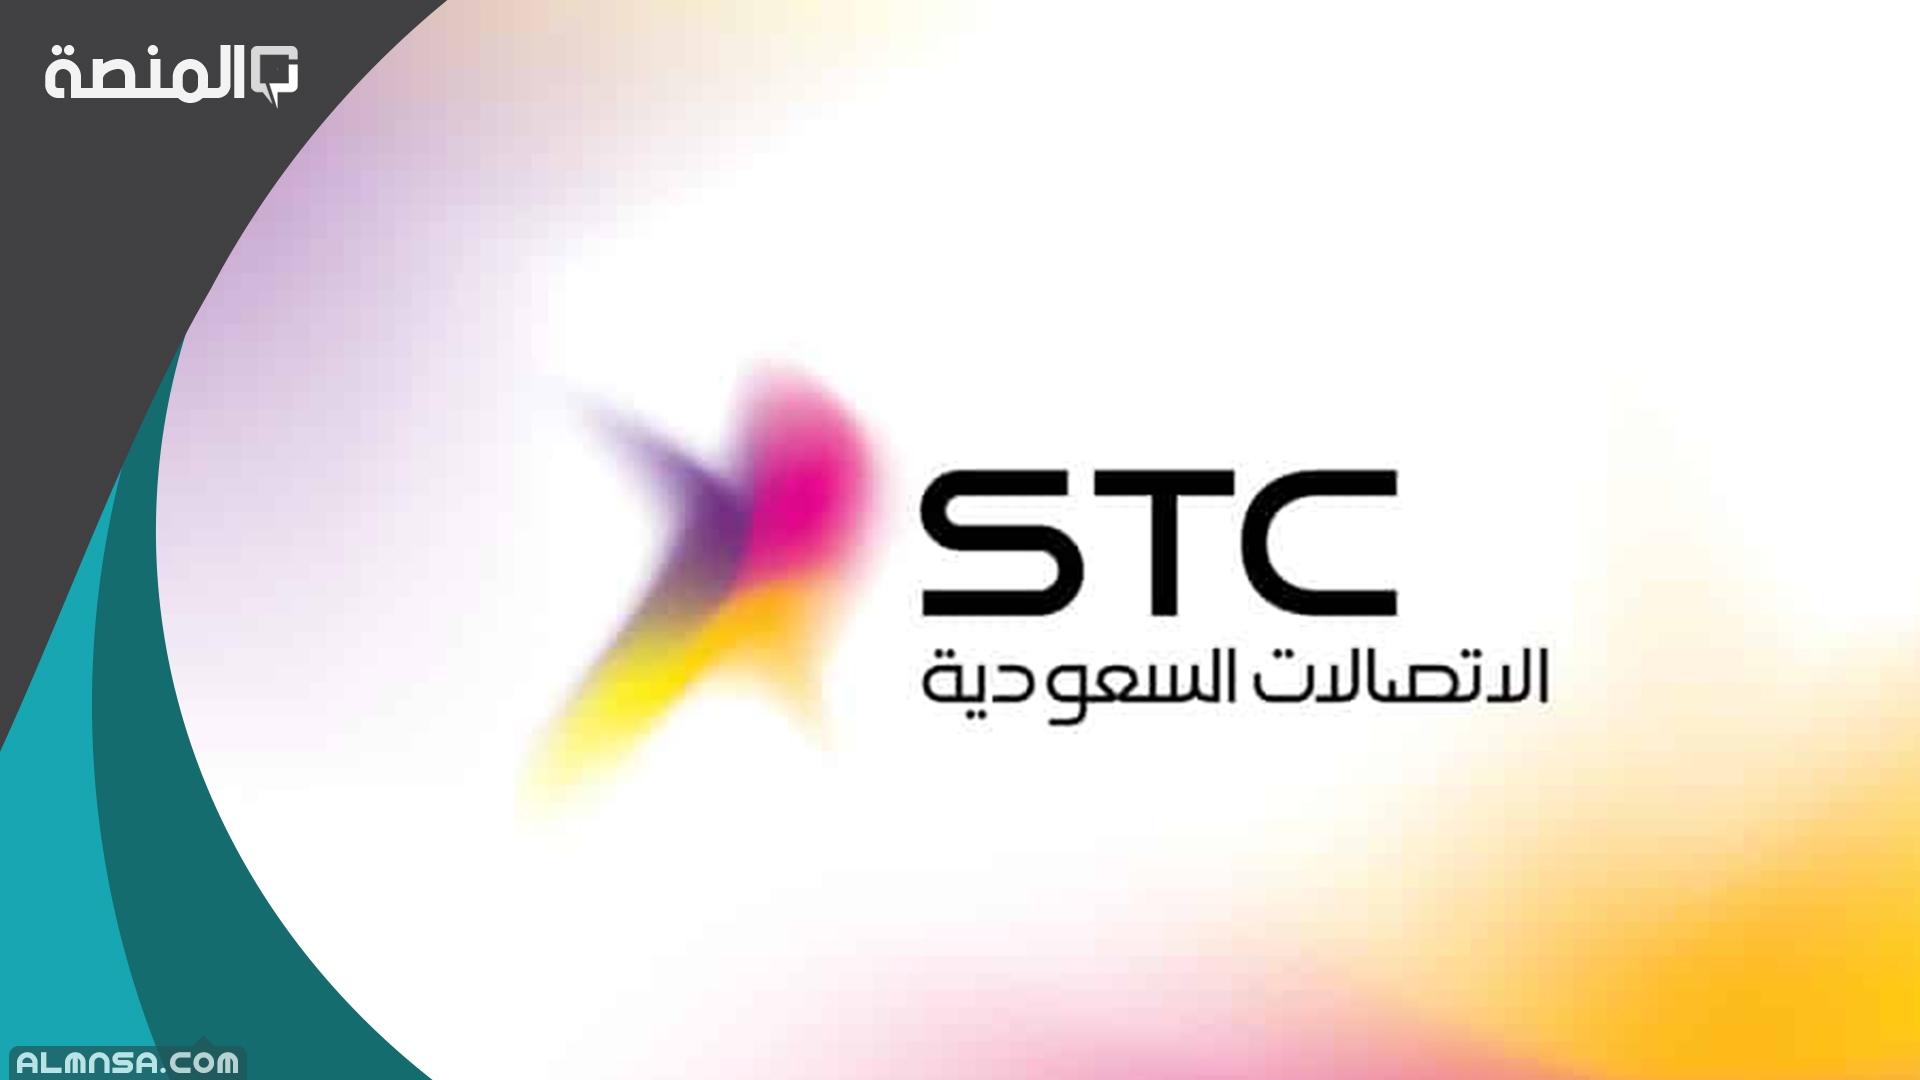 كيفية الاستعلام عن فاتورة Stc برقم الهوية المنصة